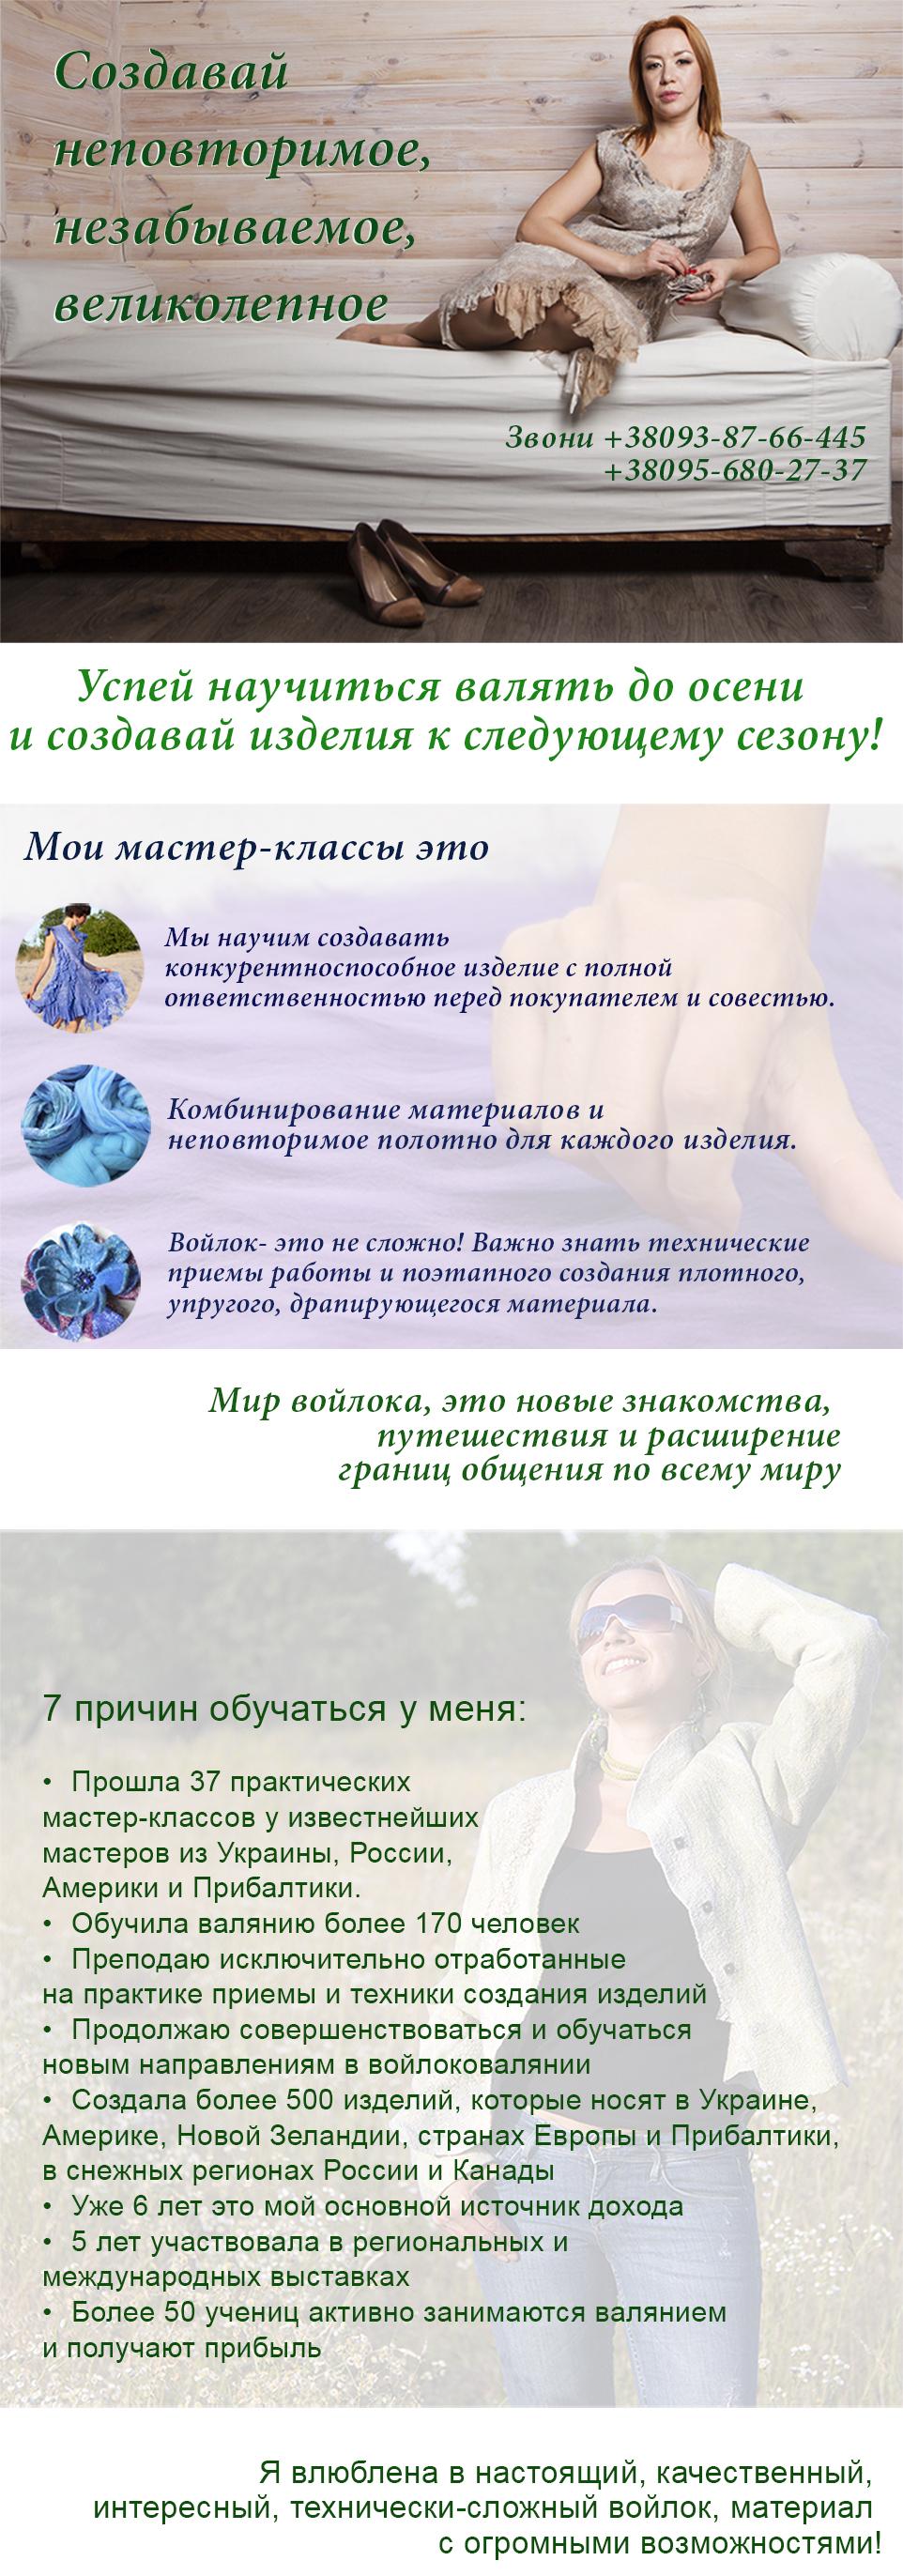 Mk_oll_2